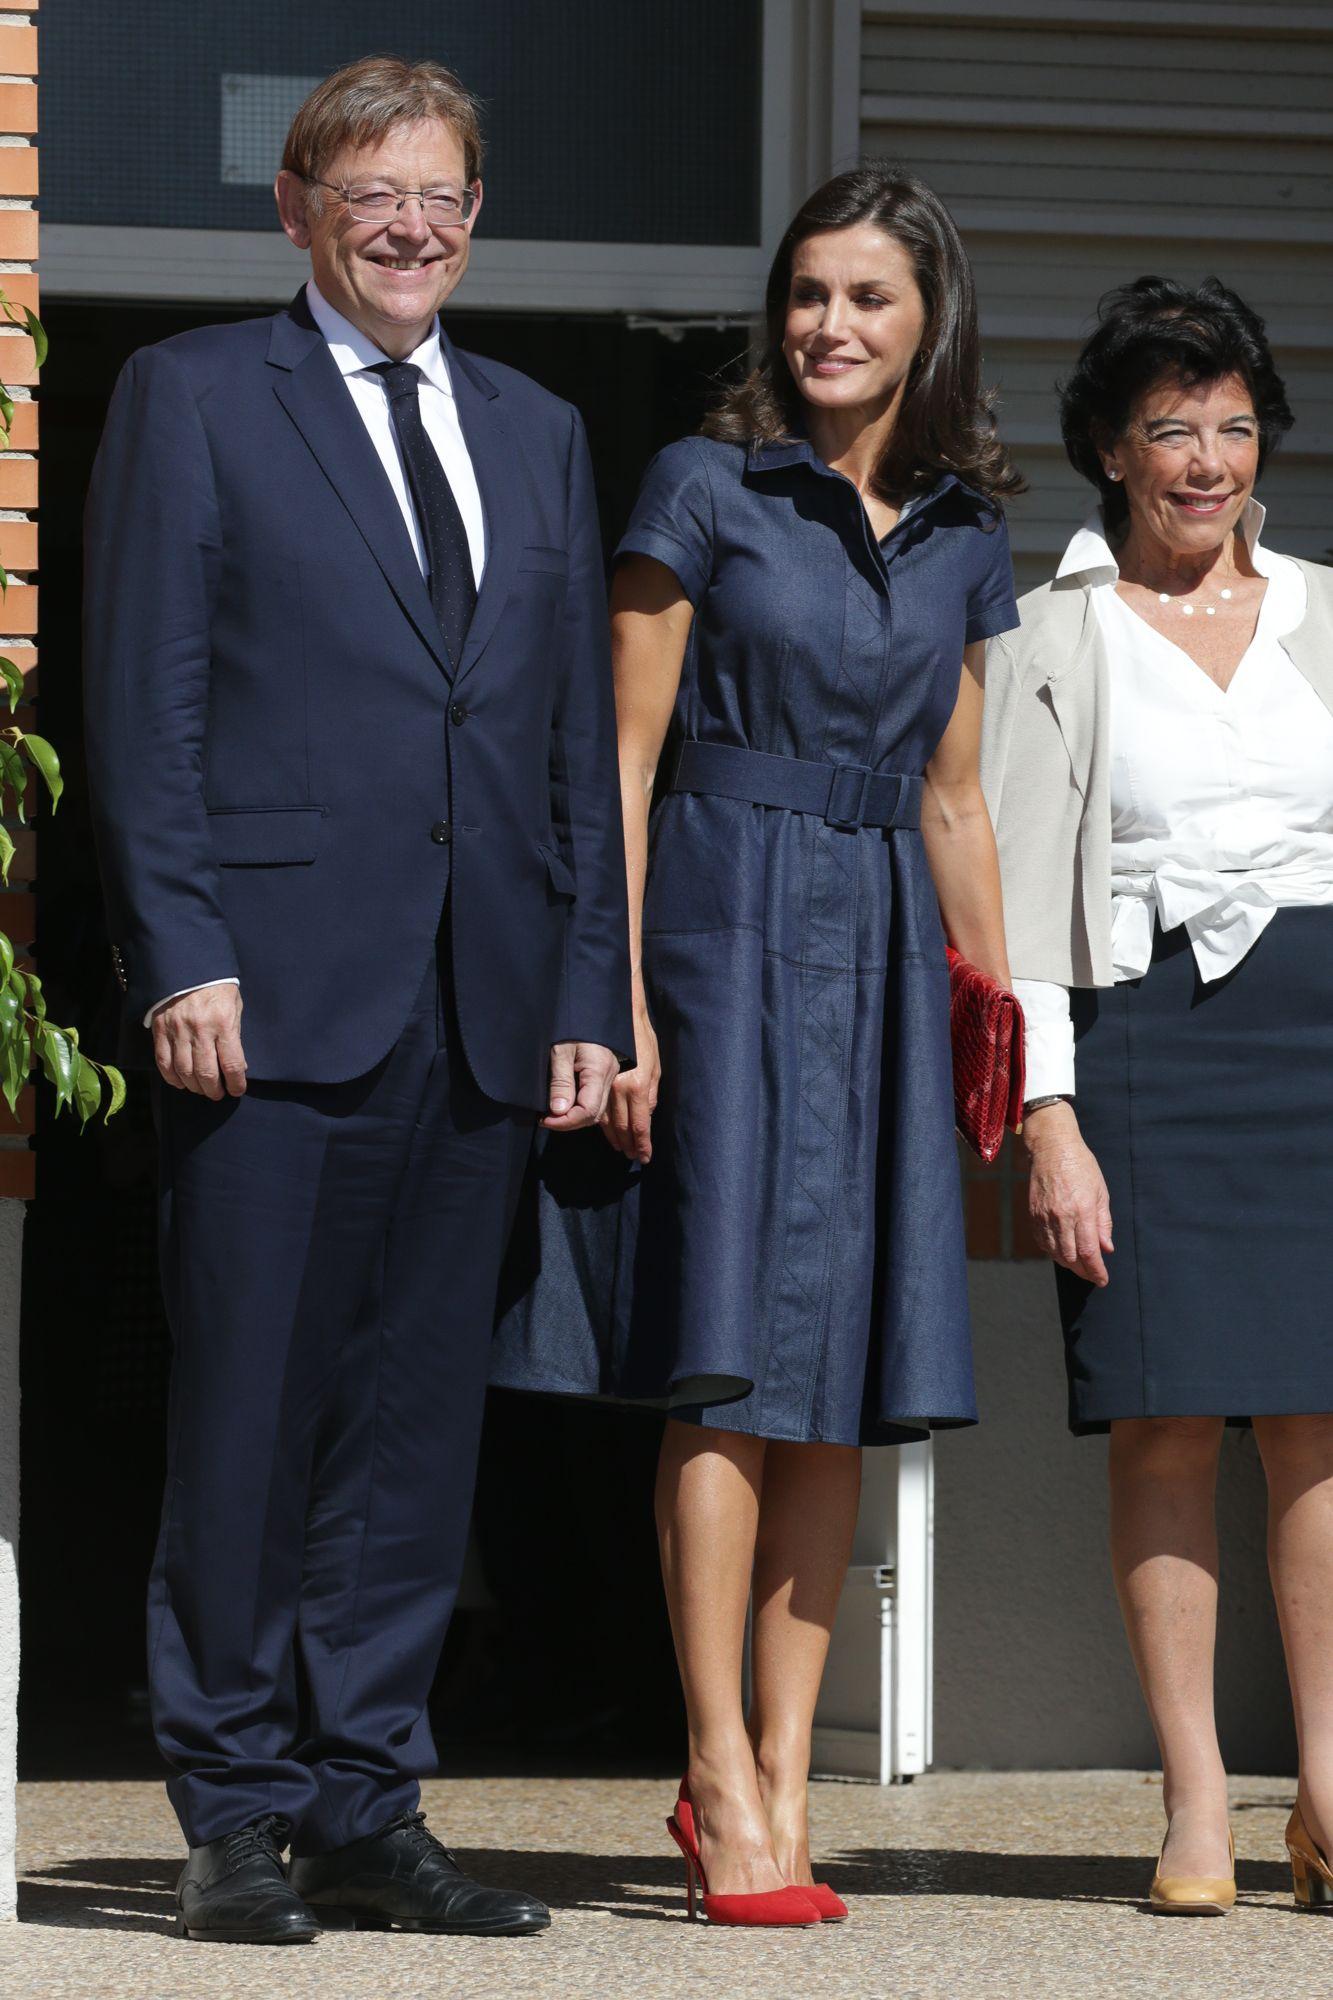 El estilo de la Reina Letizia Los 'looks' de la reina Letizia